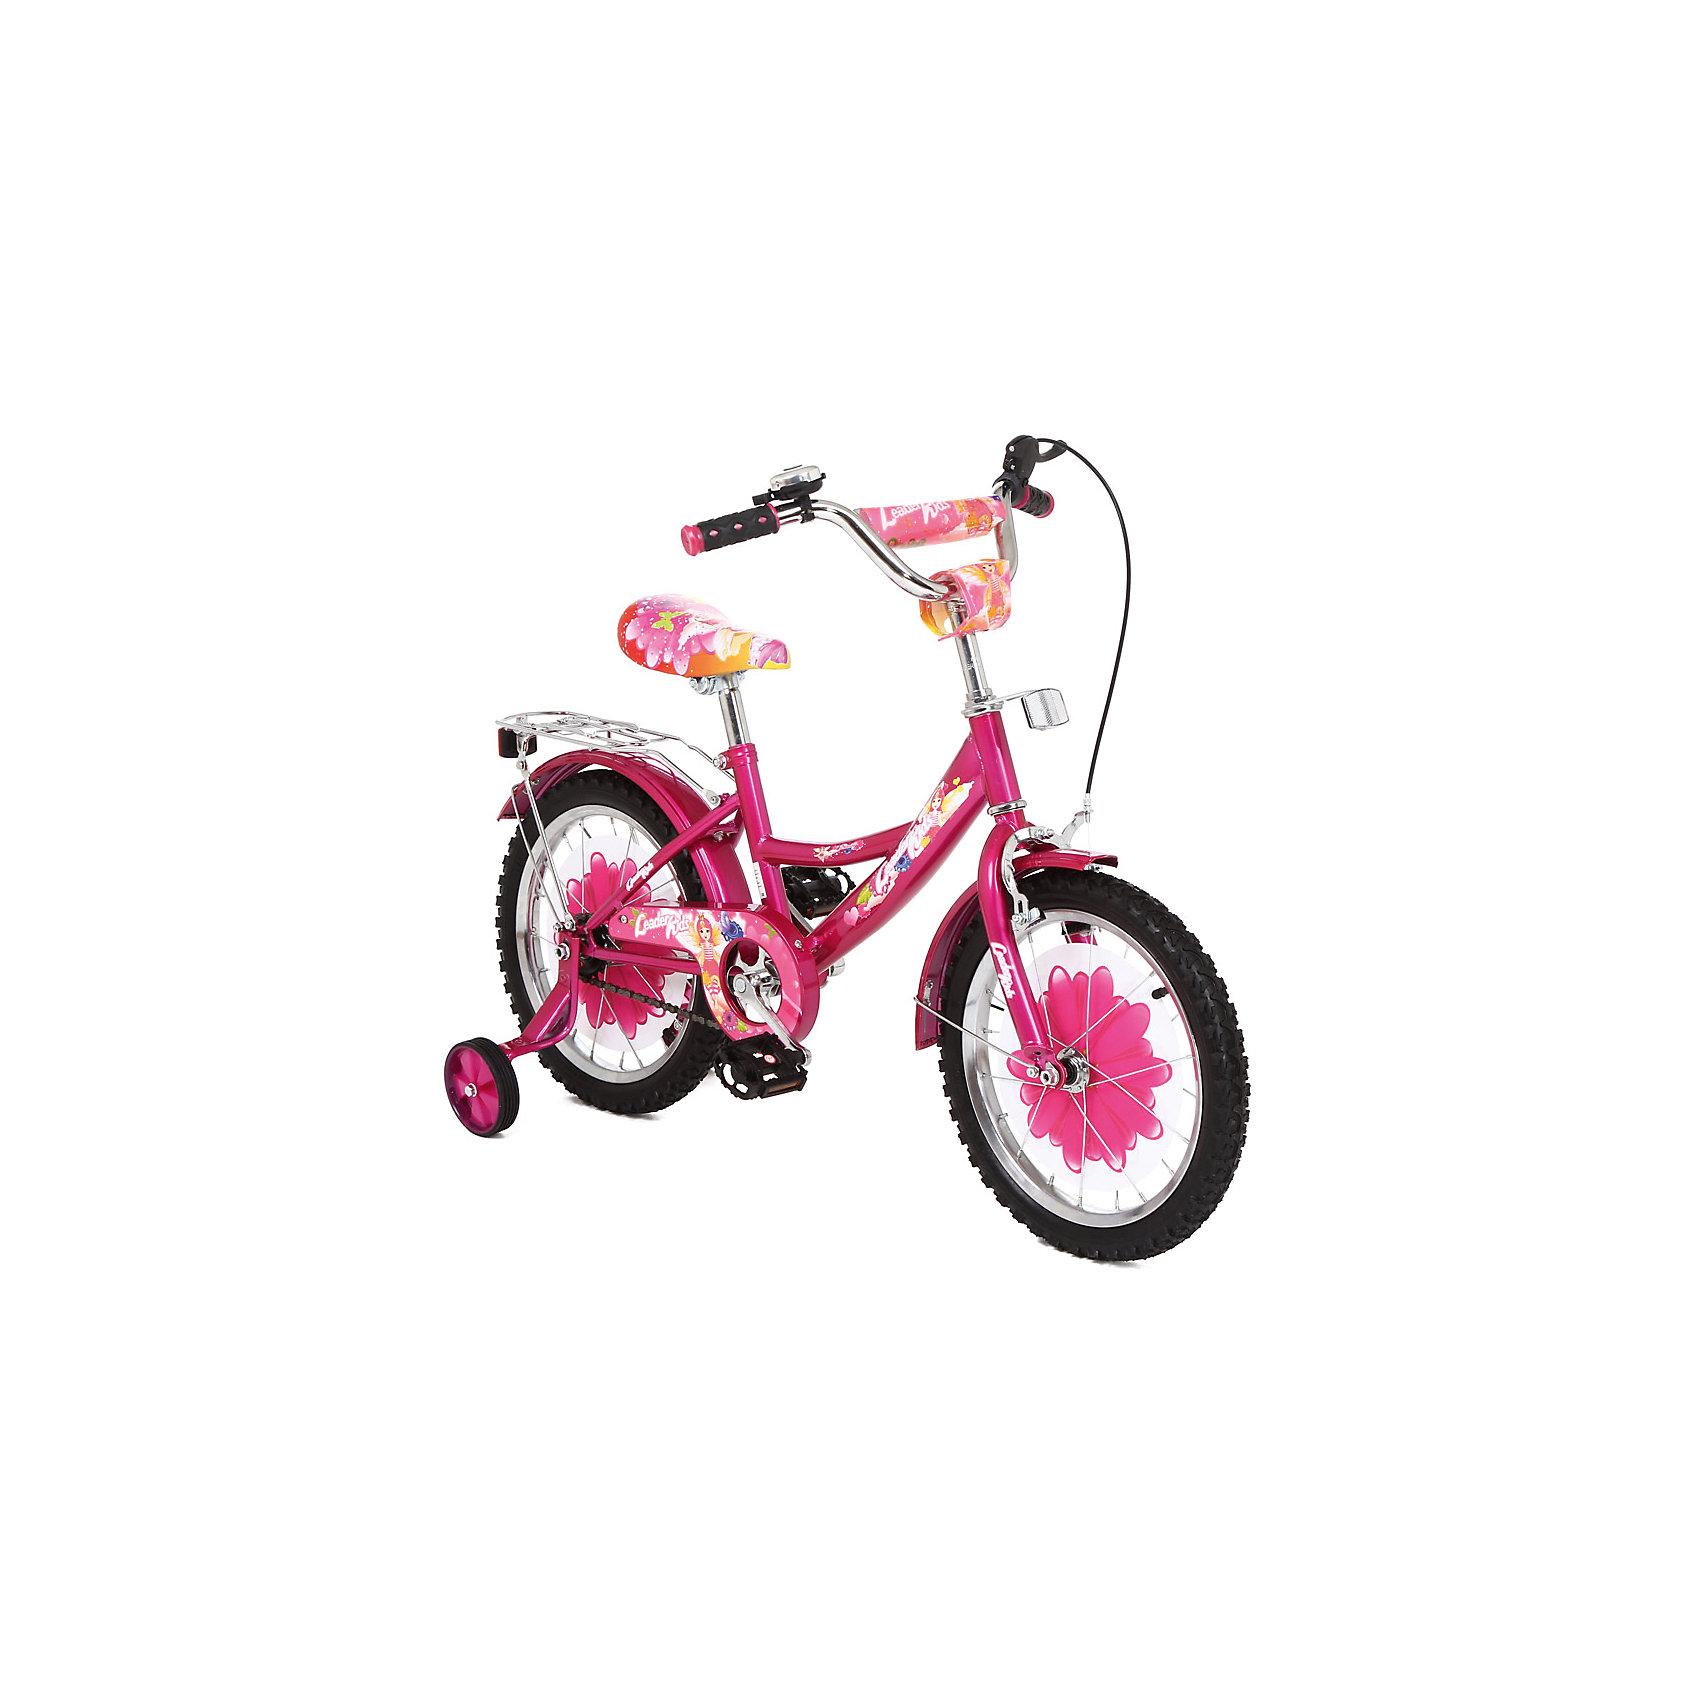 Велосипед двухколесный, розовый, Leader kids